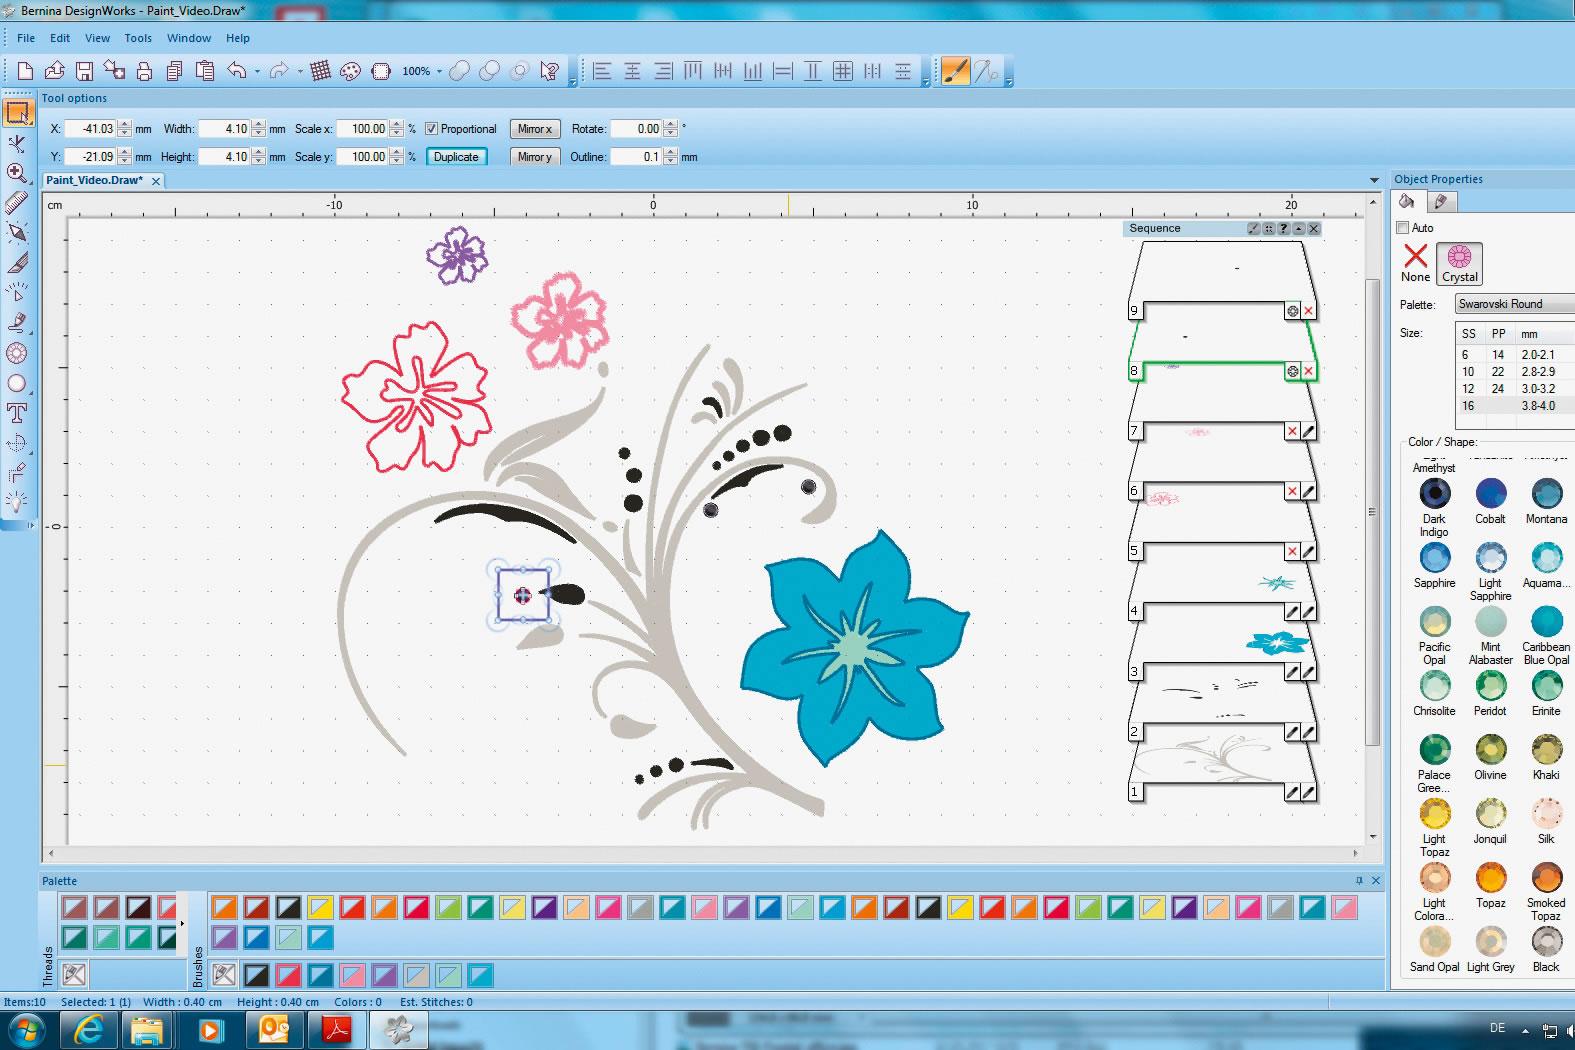 Программное обеспечение Bernina DesignWorks Software Suite